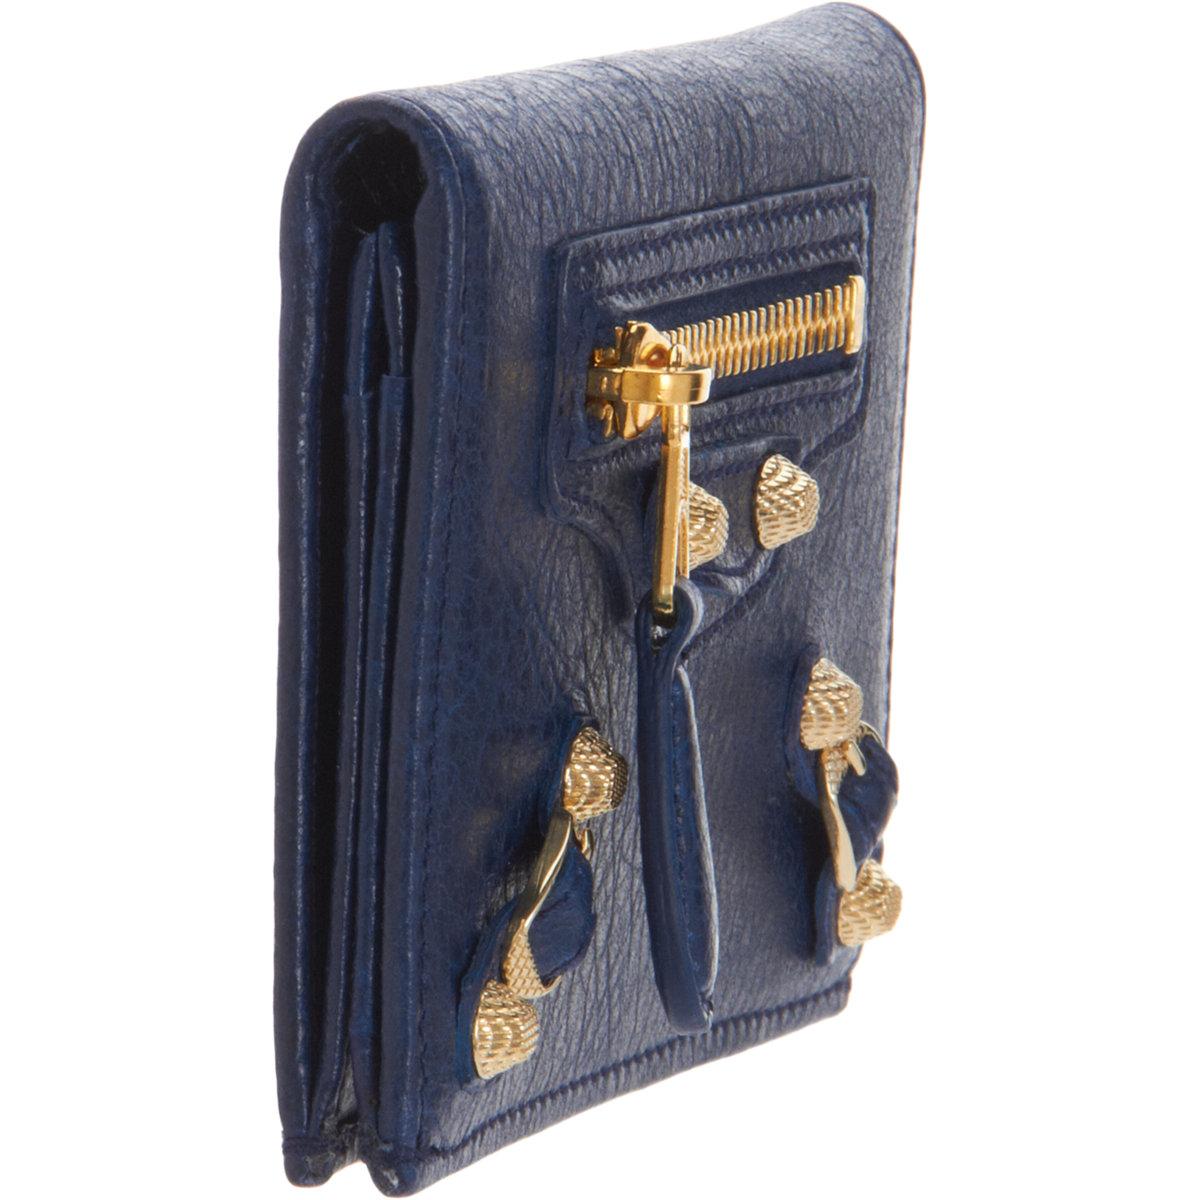 Balenciaga Giant Gold Card Case